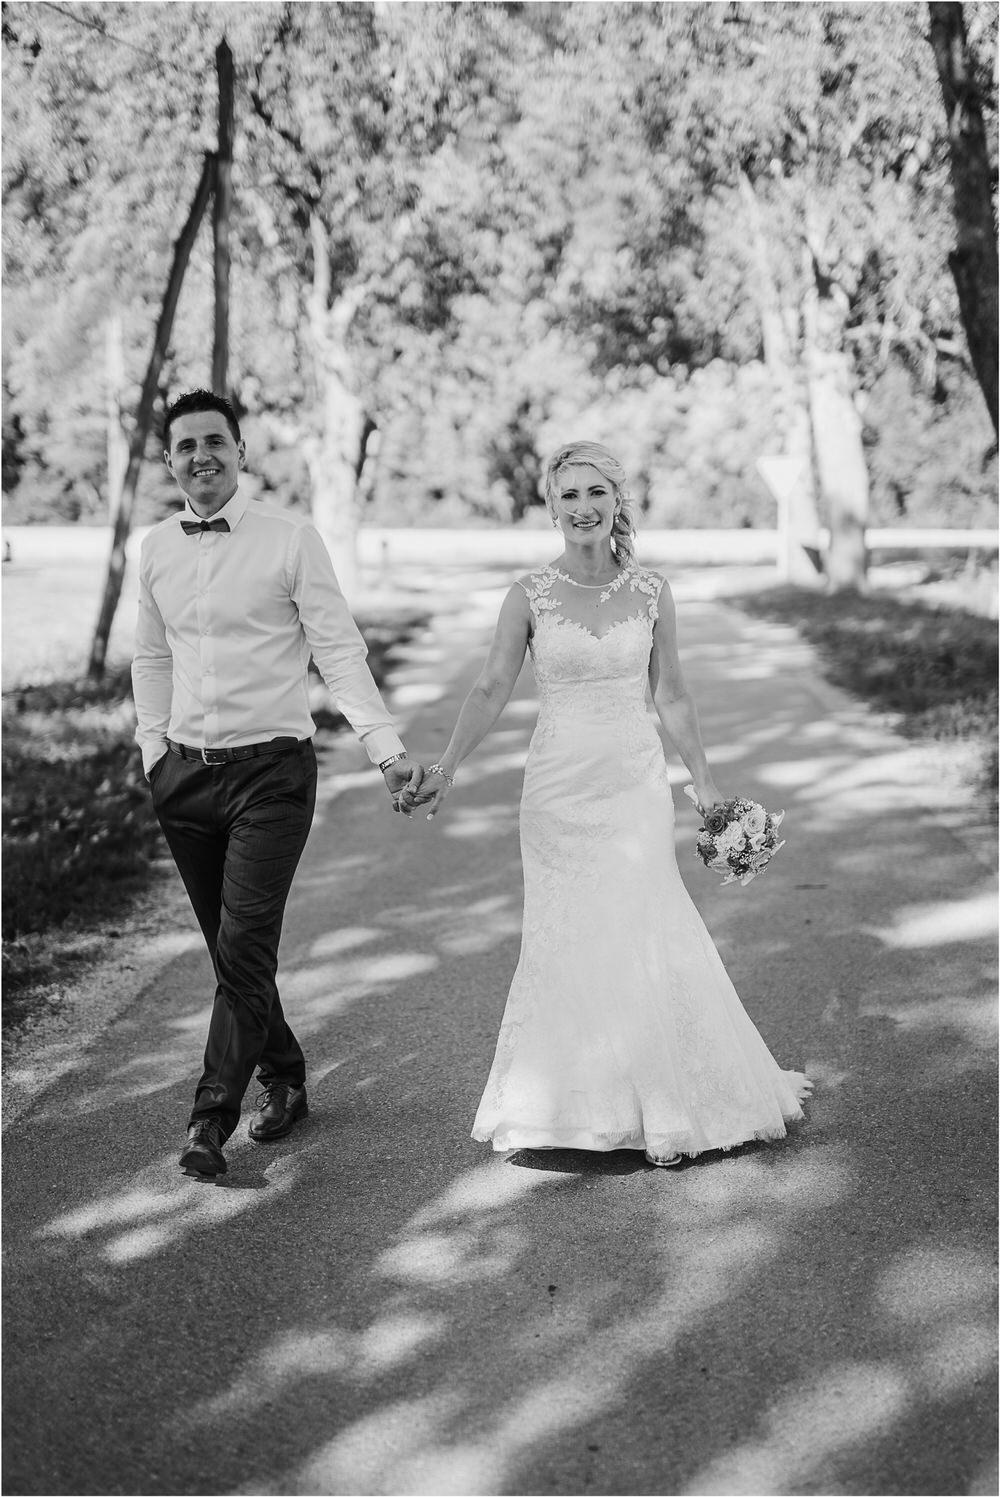 slovenia maribor wedding goriska brda poroka porocni fotograf slovenija porocno fotografiranje maribor ljubljana zemono svicarija 0058.jpg